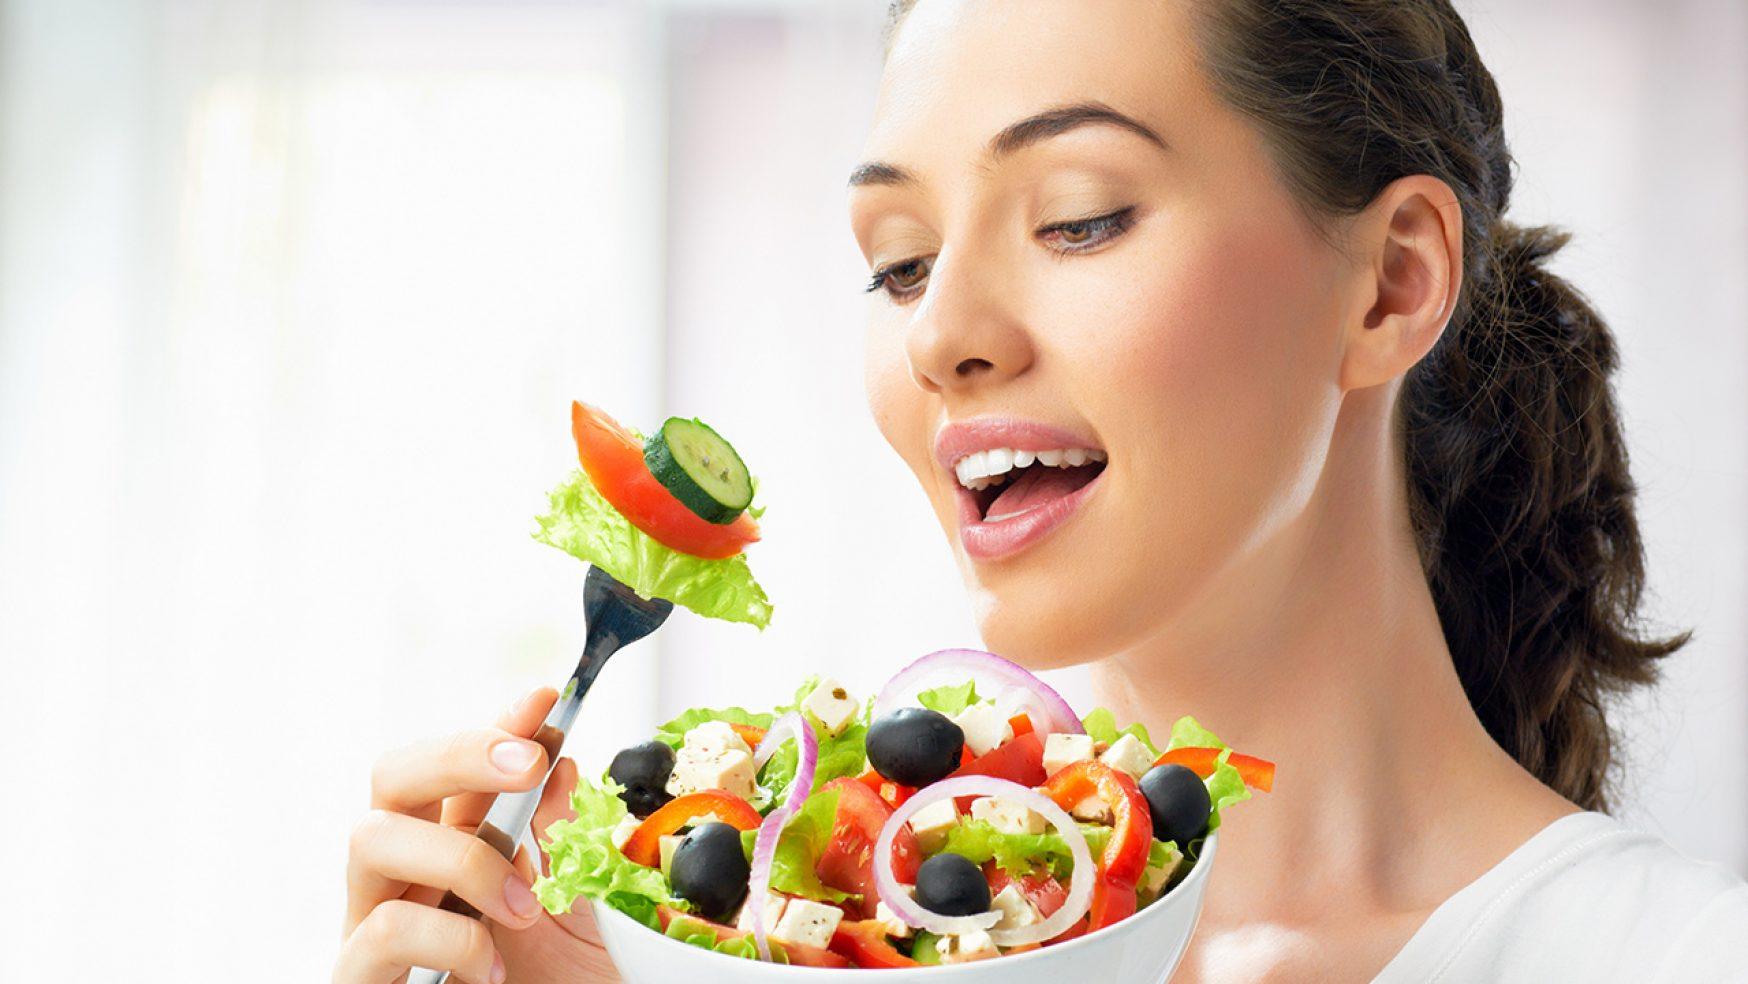 Mitos, realidades y beneficios de la Dieta Mediterránea